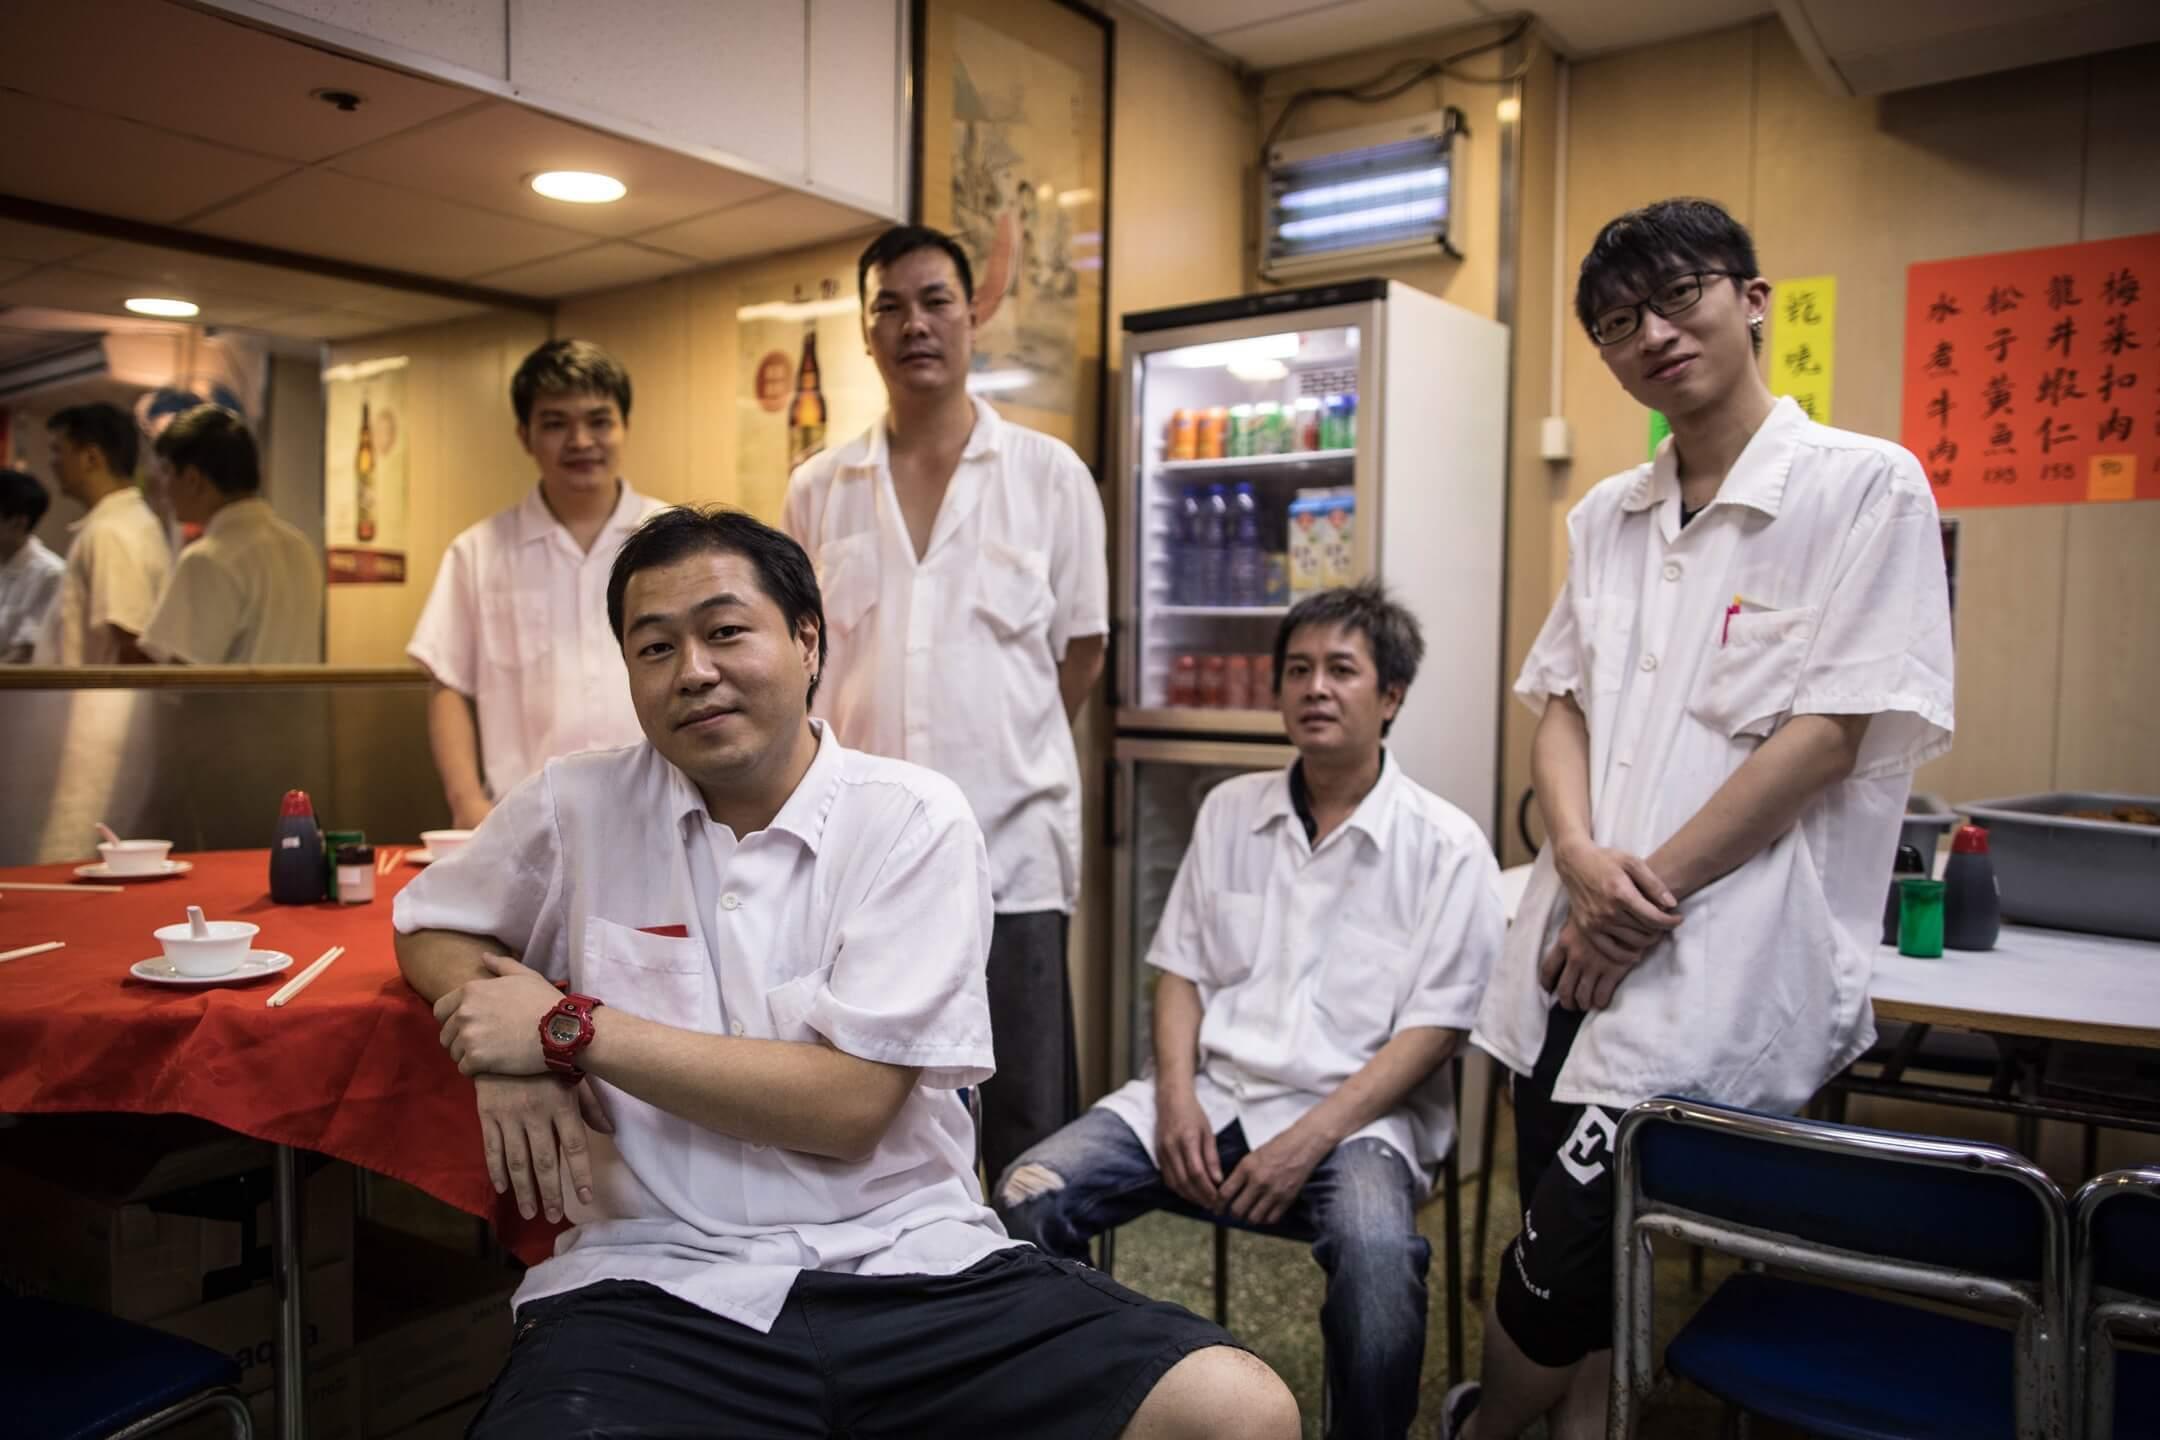 一位食客在食評網上寫道:「那種感覺就像走進80年代的飯館,場地直接可以用來拍老香港電影。」三六九餐廳老闆戴康富說,事實上,從搬過來就沒怎麼裝修過。客人都要求維持原樣。圖為老闆戴康富(前)與一眾餐廳伙記。 攝:Stanley Leung/端傳媒